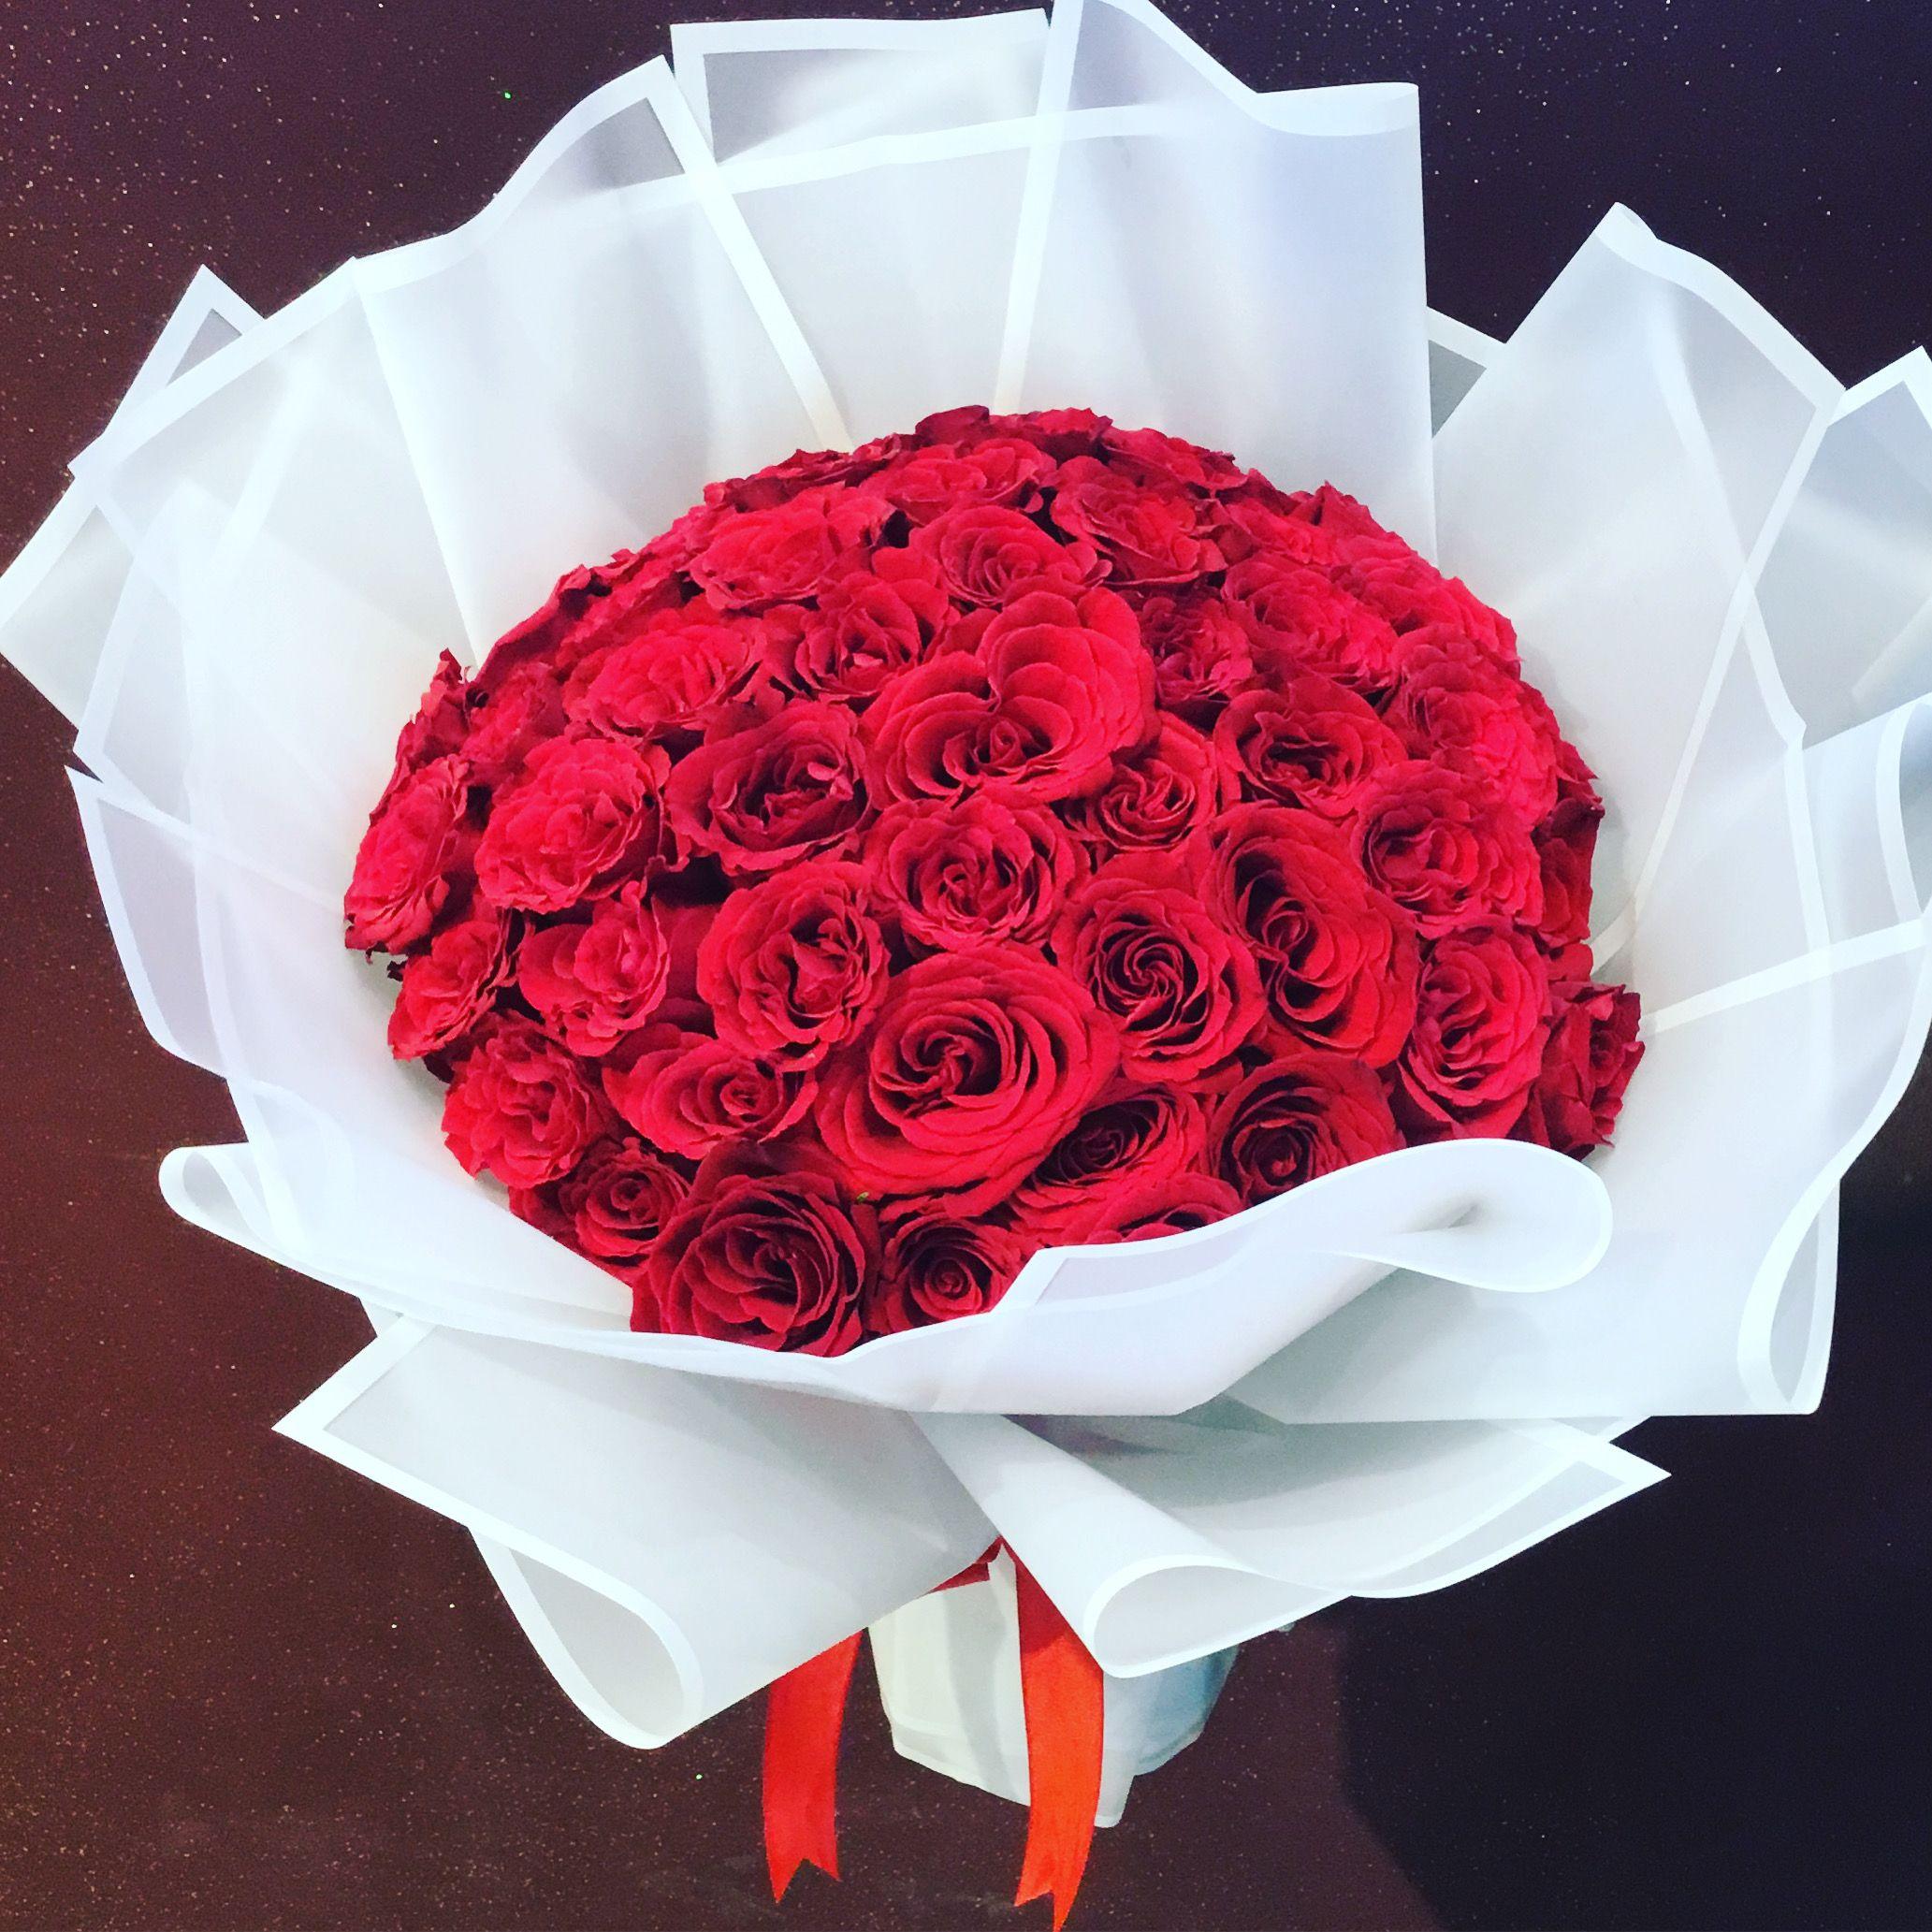 Flower Delivery Abu Dhabi Online Flower Shop In 2020 Online Flower Shop Flower Delivery Online Flower Delivery